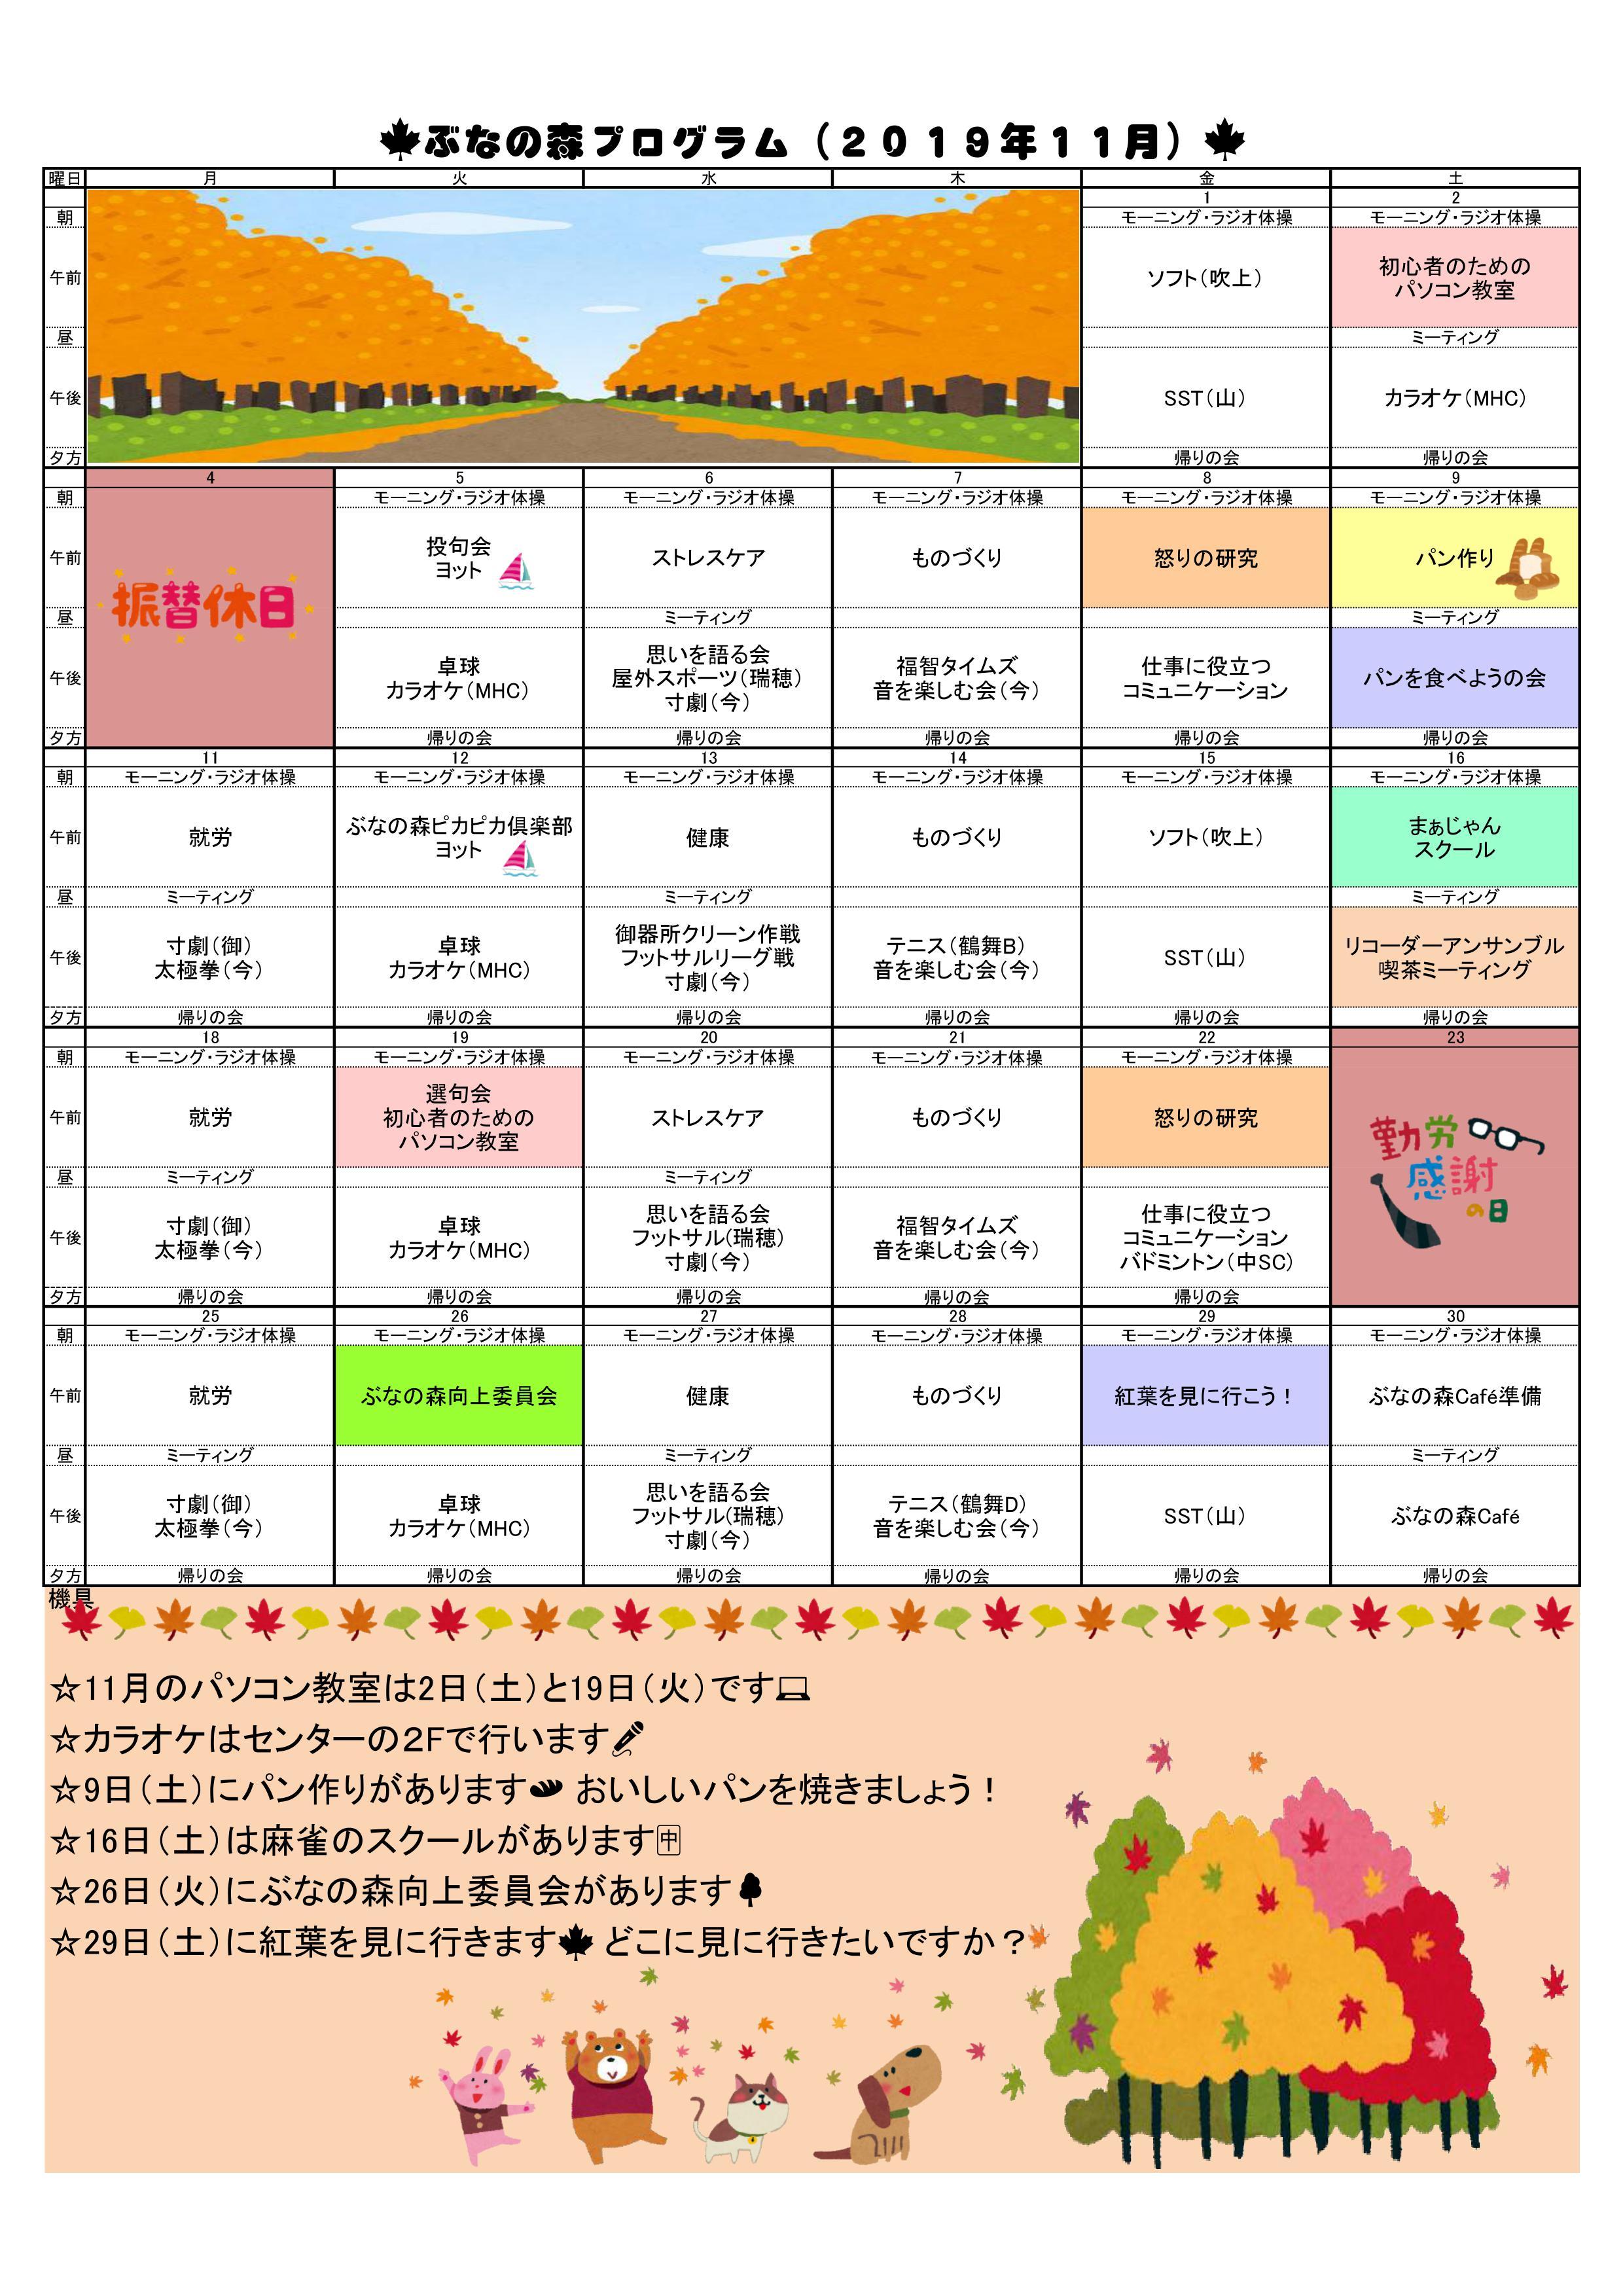 ぶなの森プログラム表(2019年11月)